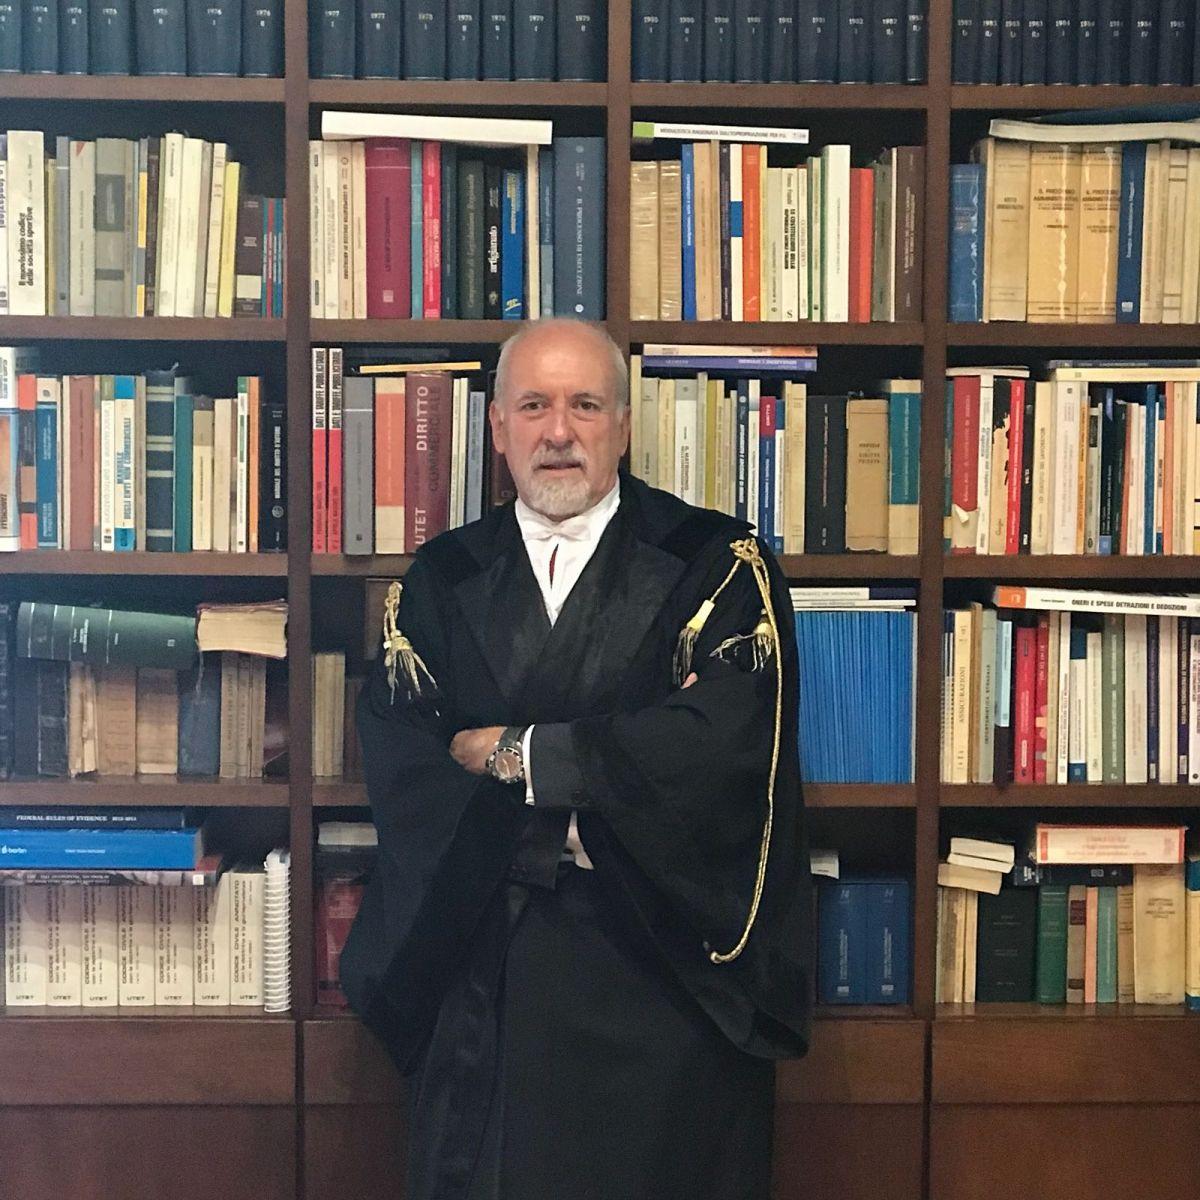 avv. Romolo Reboa, avv. Reboa, Romolo Reboa, Reboa, Romolo, Ingiustizia la PAROLA al POPOLO, la PAROLA al POPOLO, Reboa Law Firm